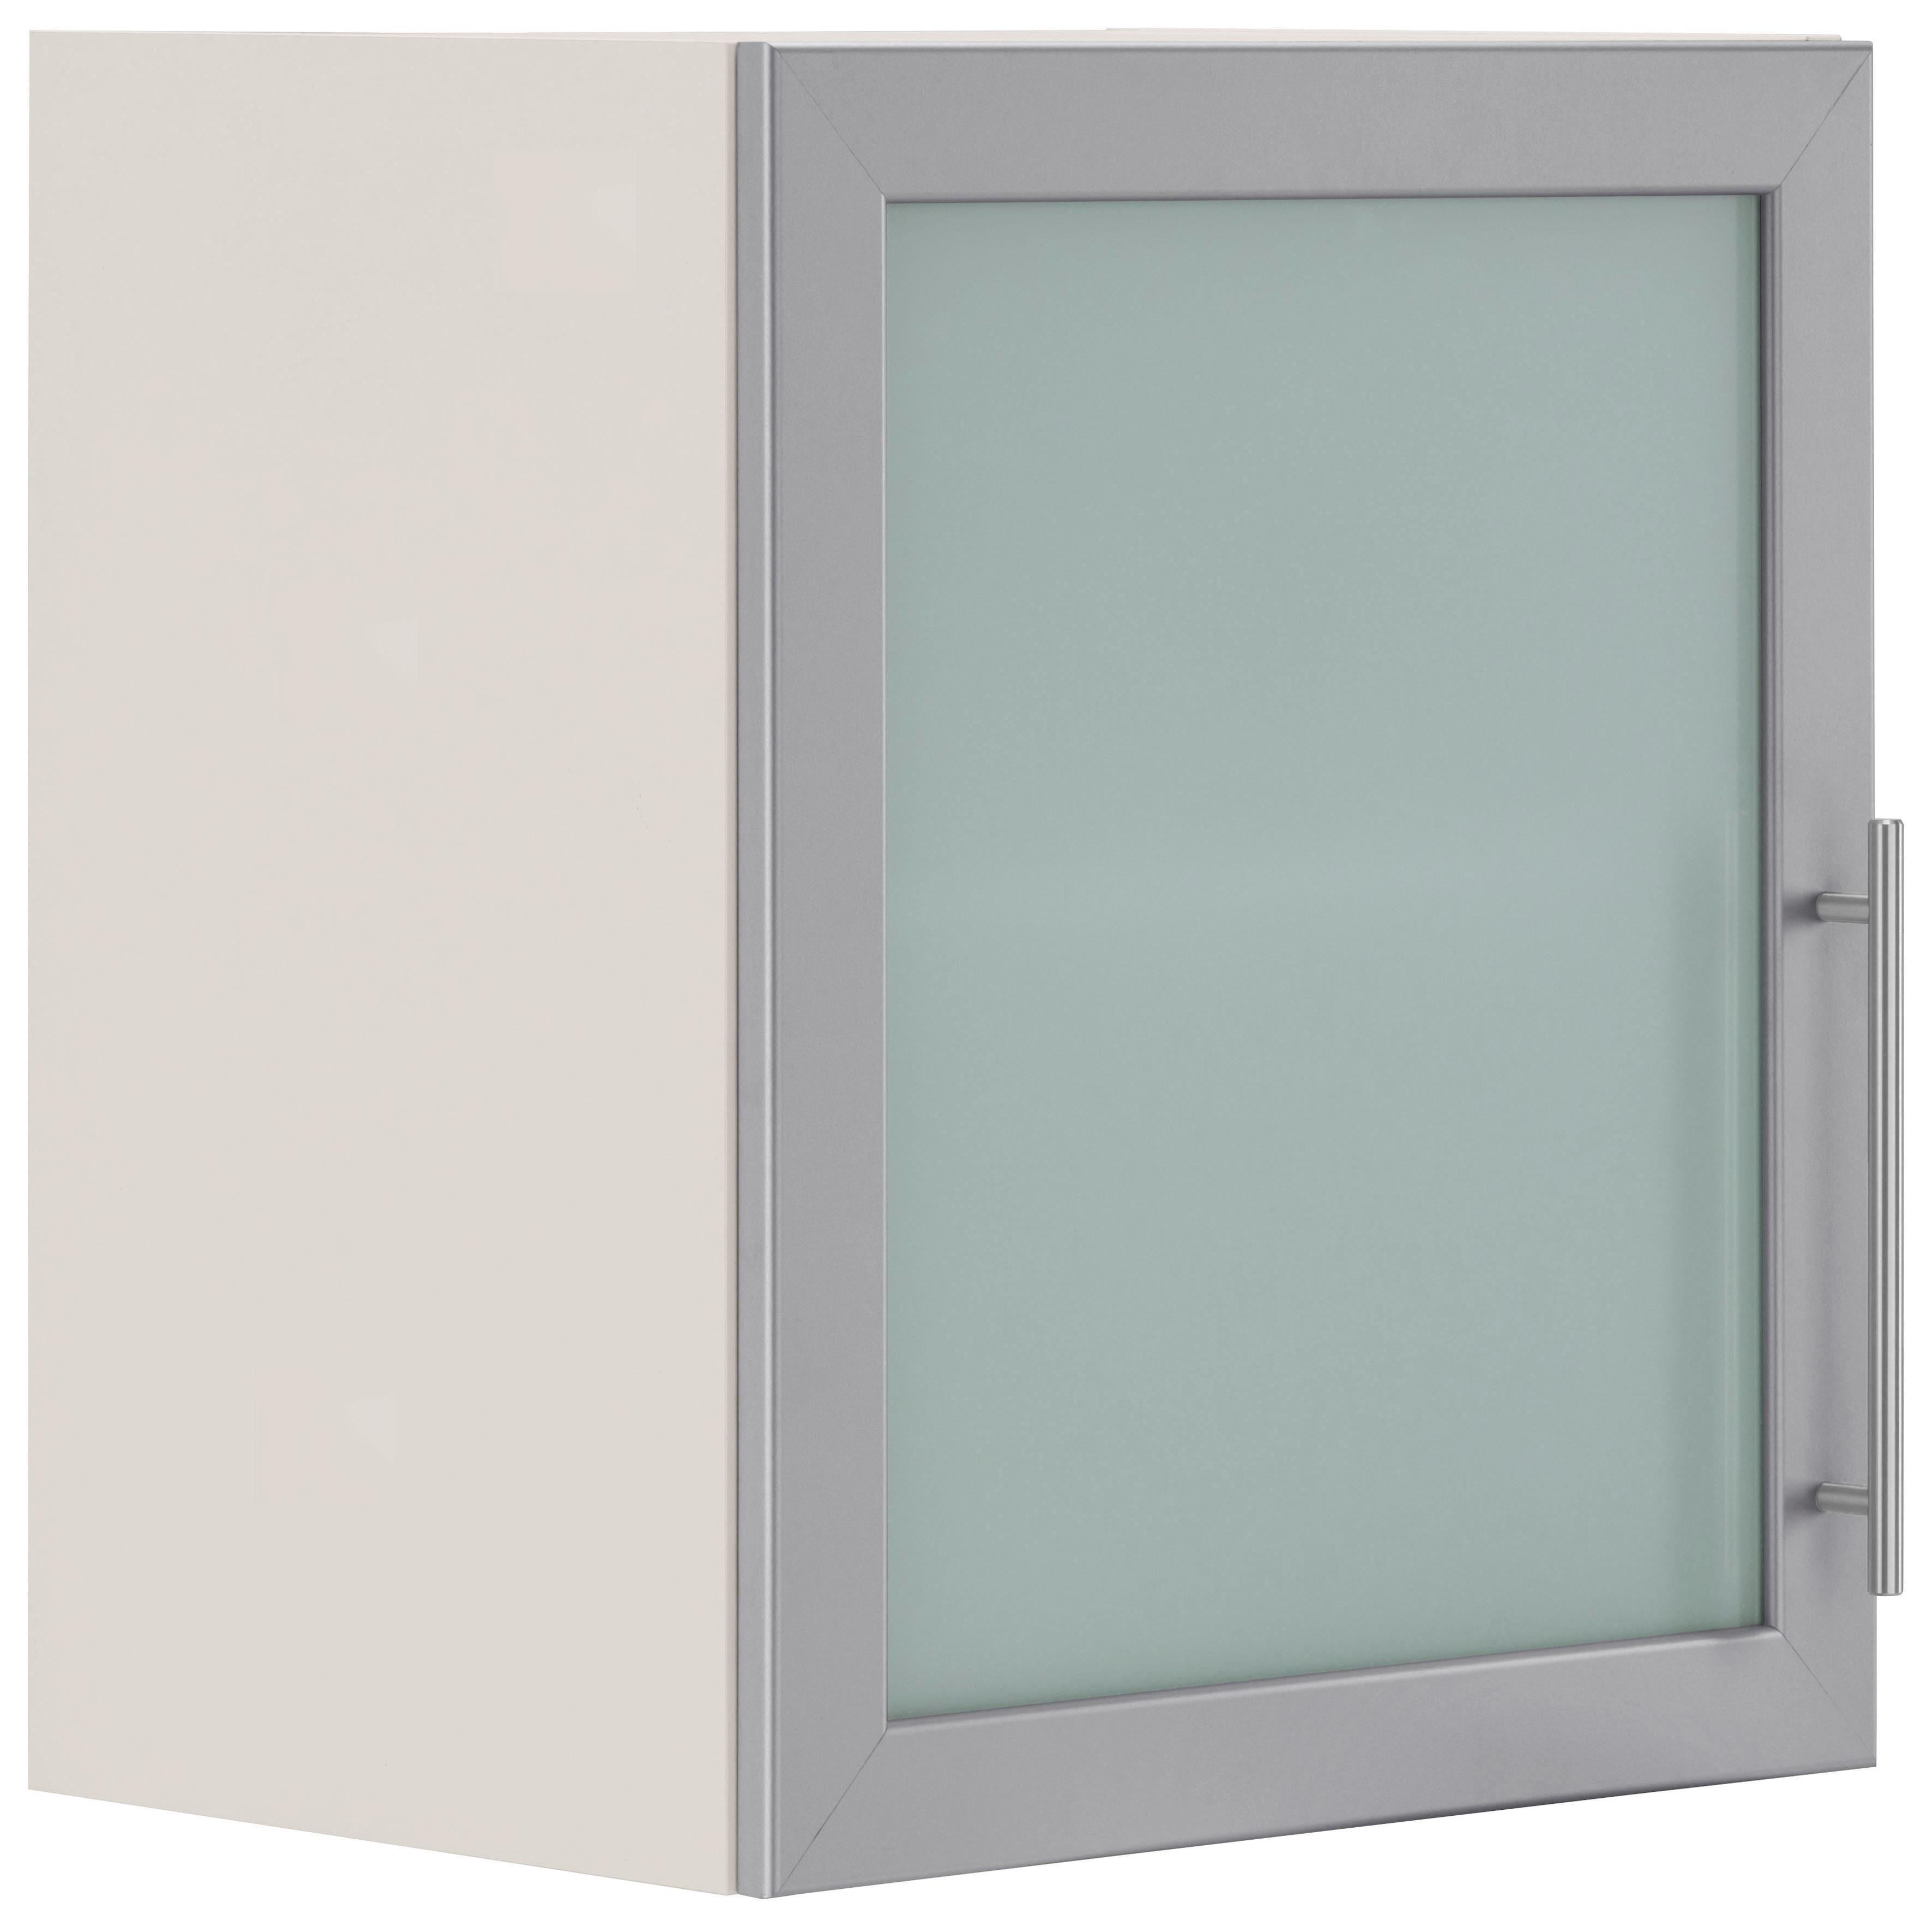 Glashängeschrank »Cali«, Breite 50 cm